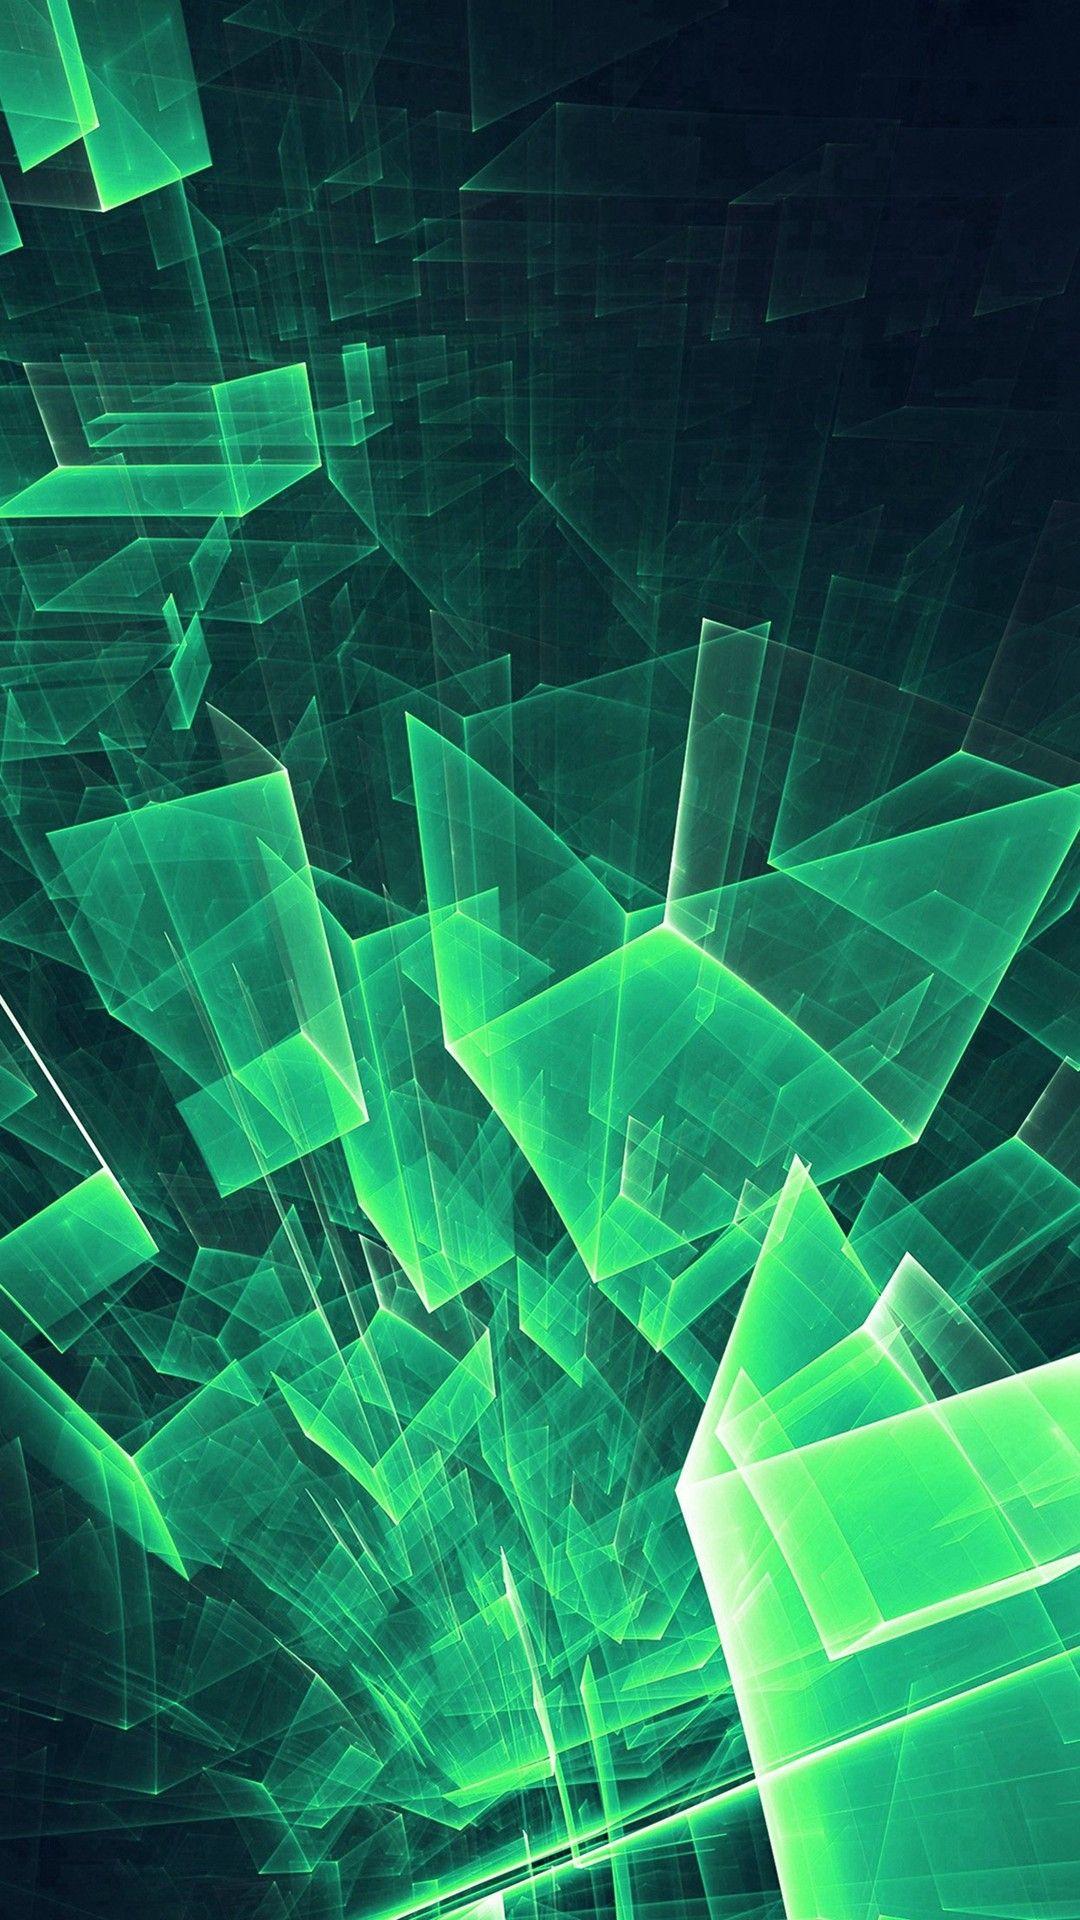 3dグリーンキューブ Iphone7 スマホ壁紙 待受画像ギャラリー 緑 壁紙 テクノロジー 壁紙 デジタル デザイン